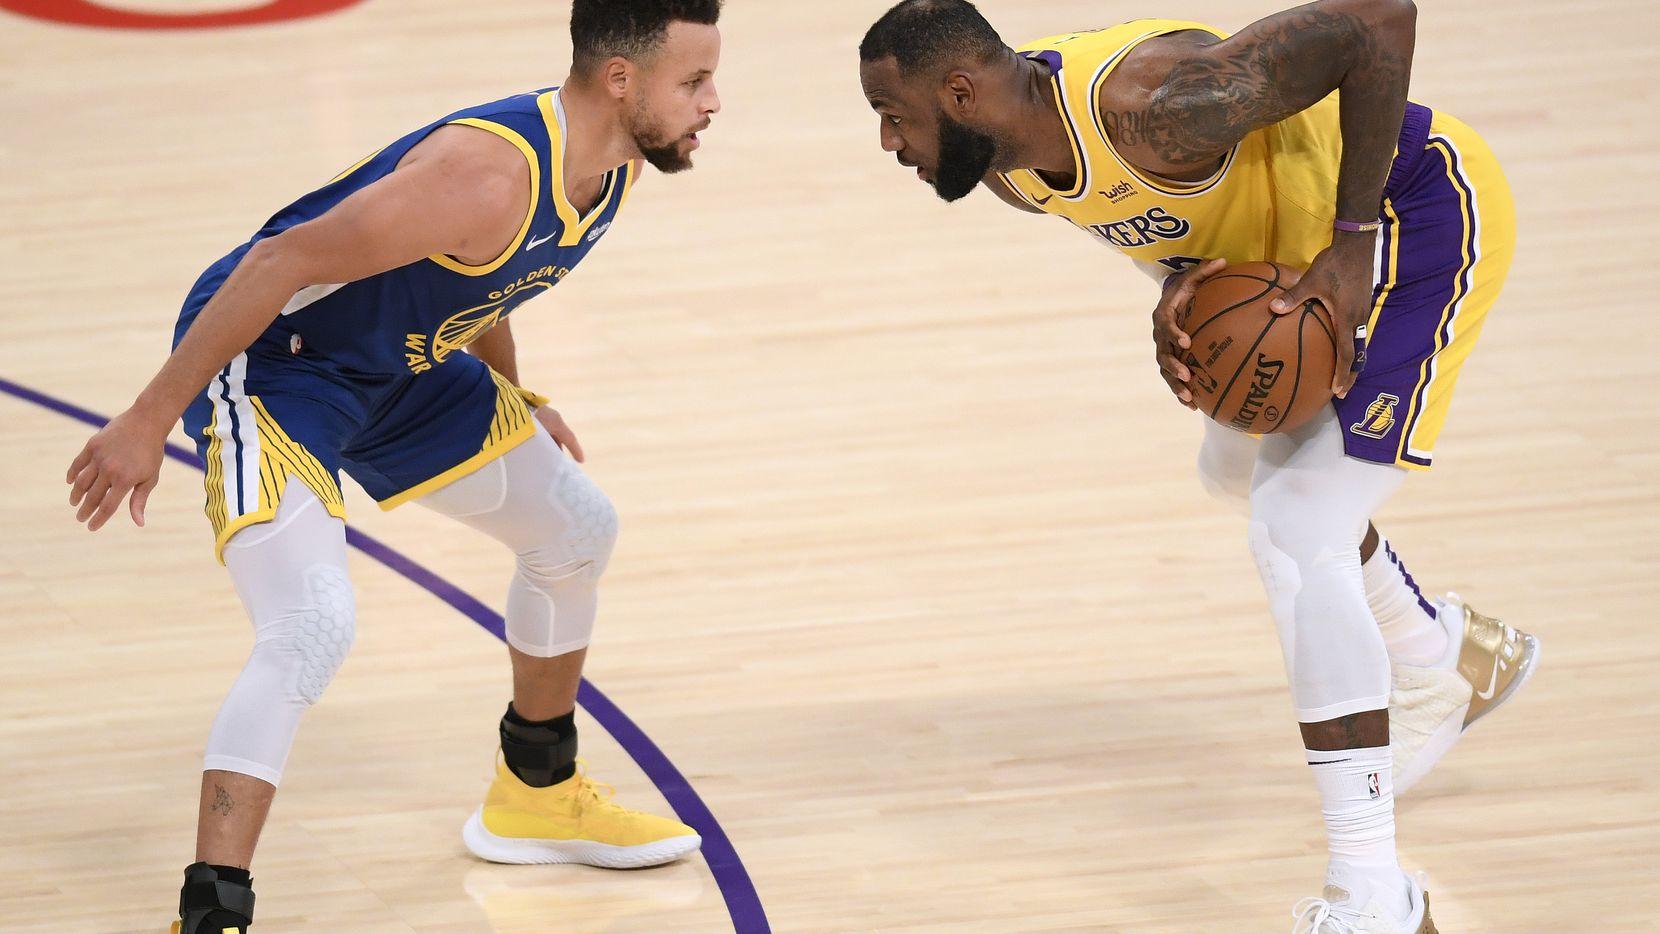 El estrella de los Lakers de Los Ángeles, LeBron James, es custodiado por el estelar de los Warriors de Golden State, Stephen Curry, el 18 de enero de 2021 en el Staples Center de Los Ángeles.